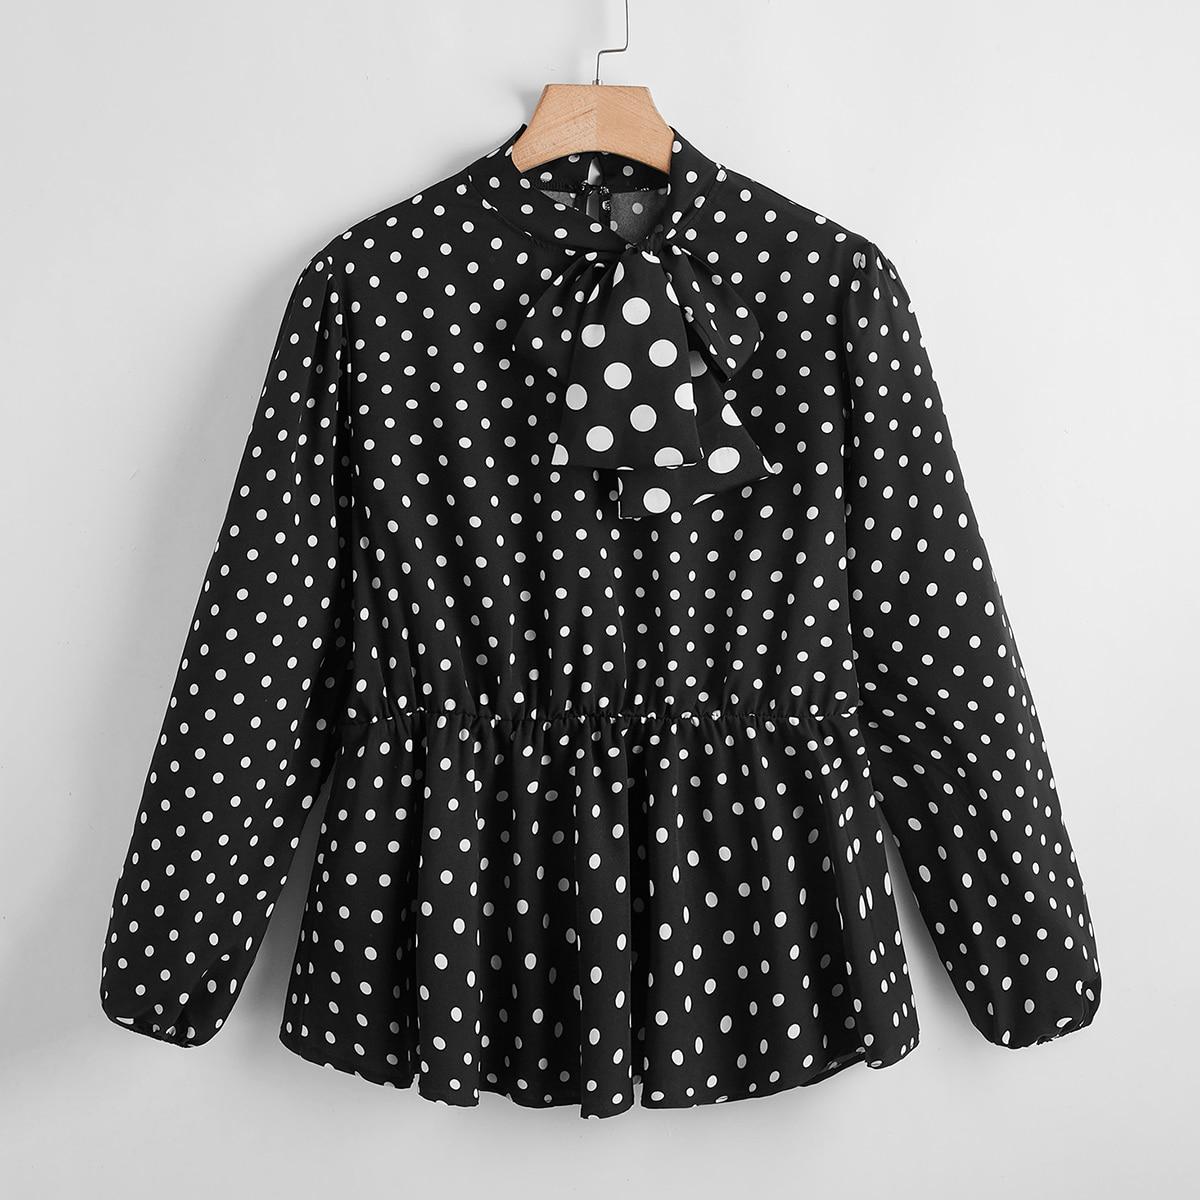 С оборками В горошек Повседневный Блузы размер плюс по цене 693